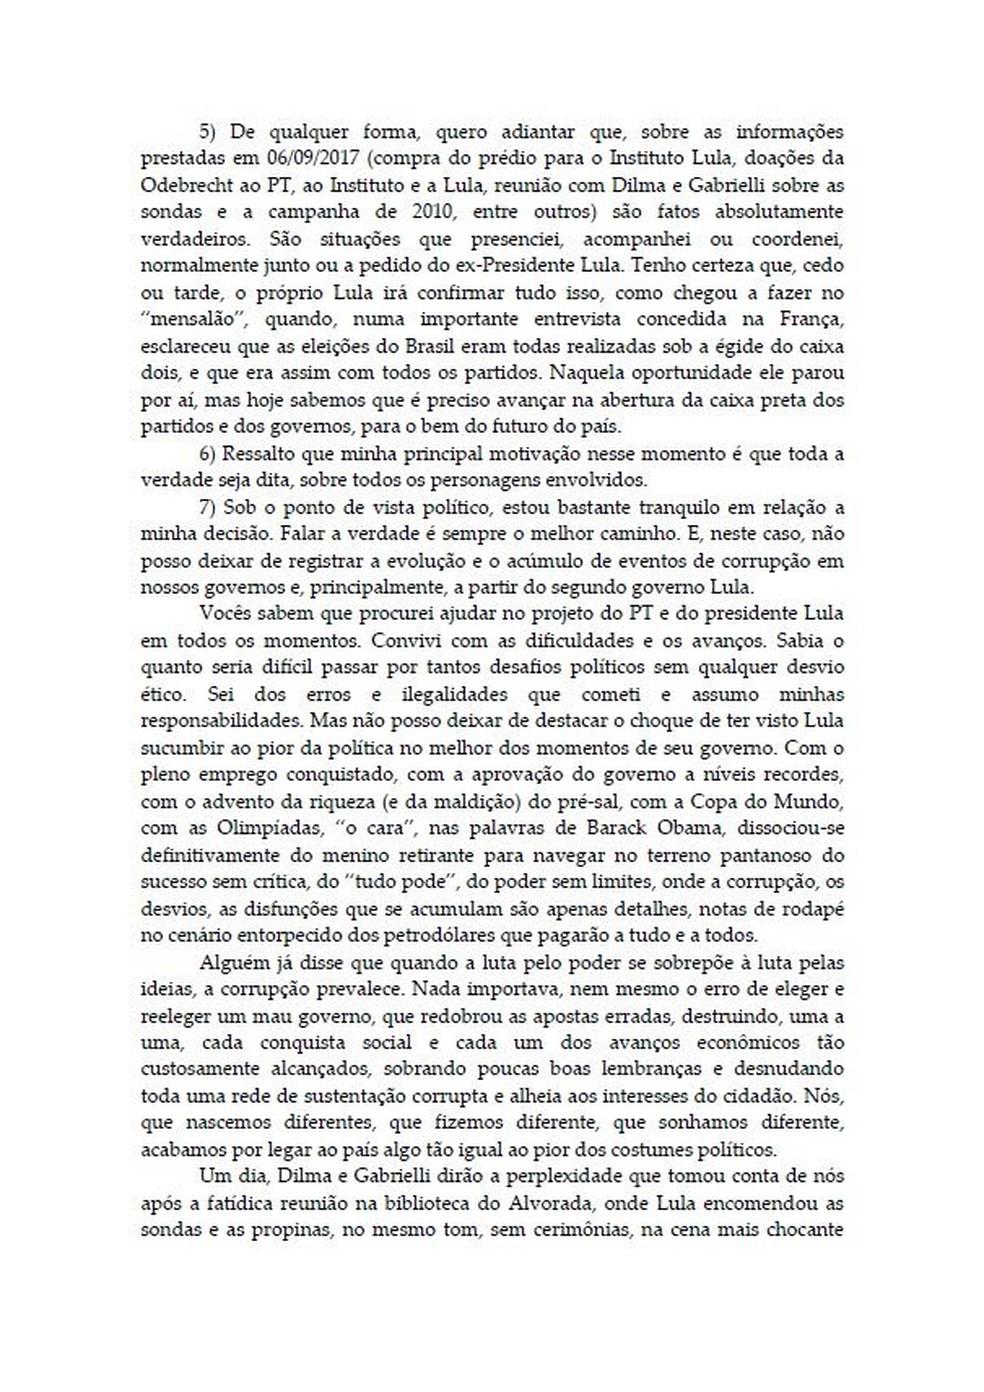 Carta Palocci 2 — Foto: Reprodução